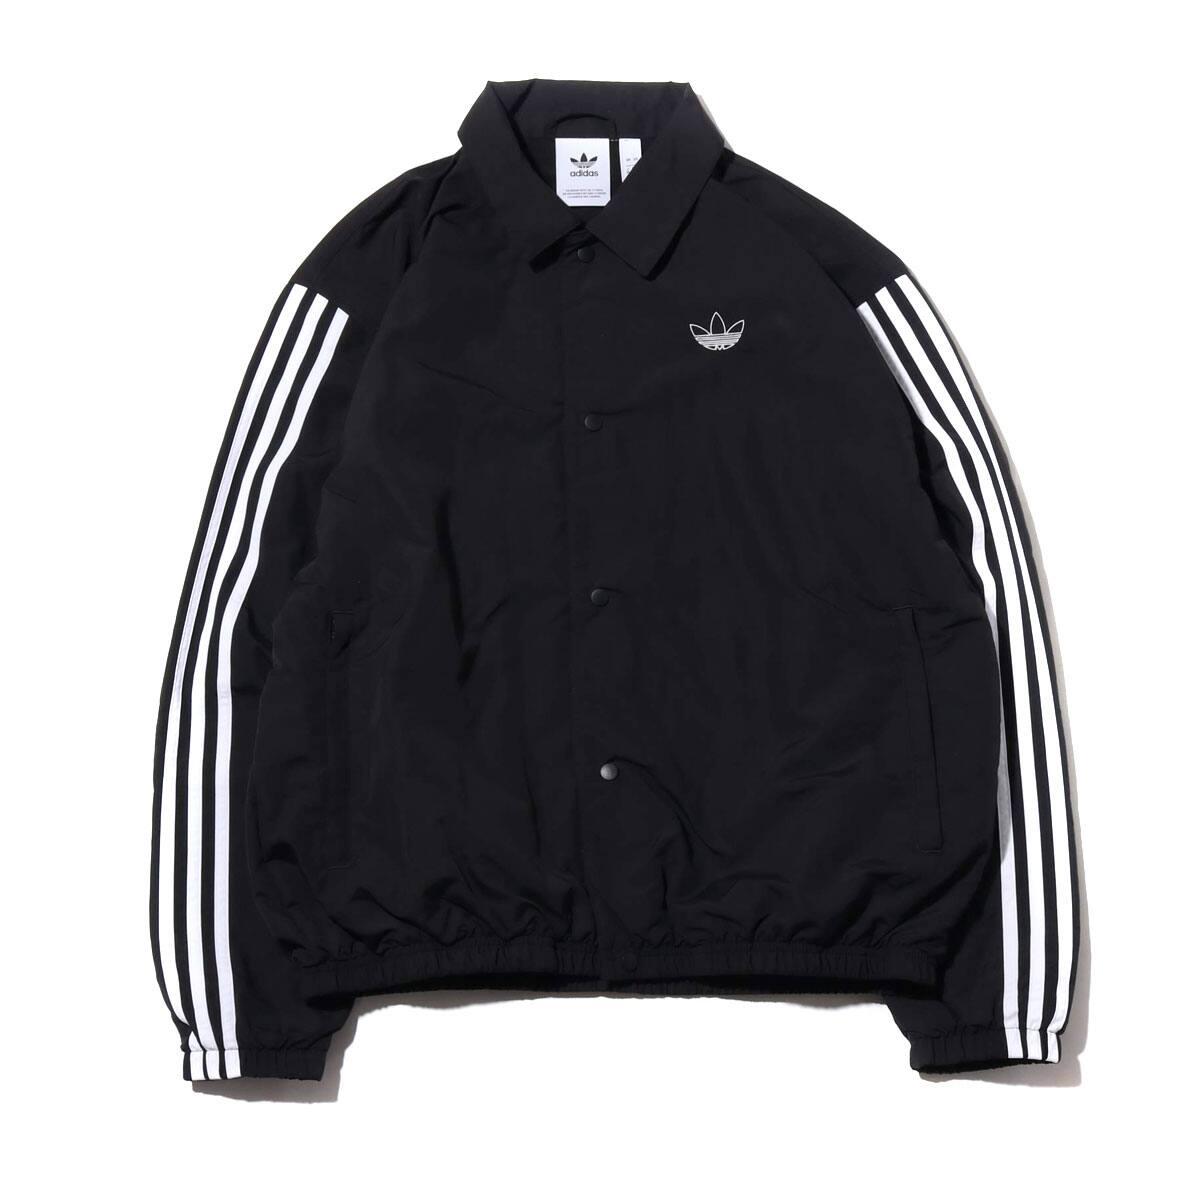 adidas TREFOIL COACH JACKET BLACK/WHITE 19FW-I_photo_large